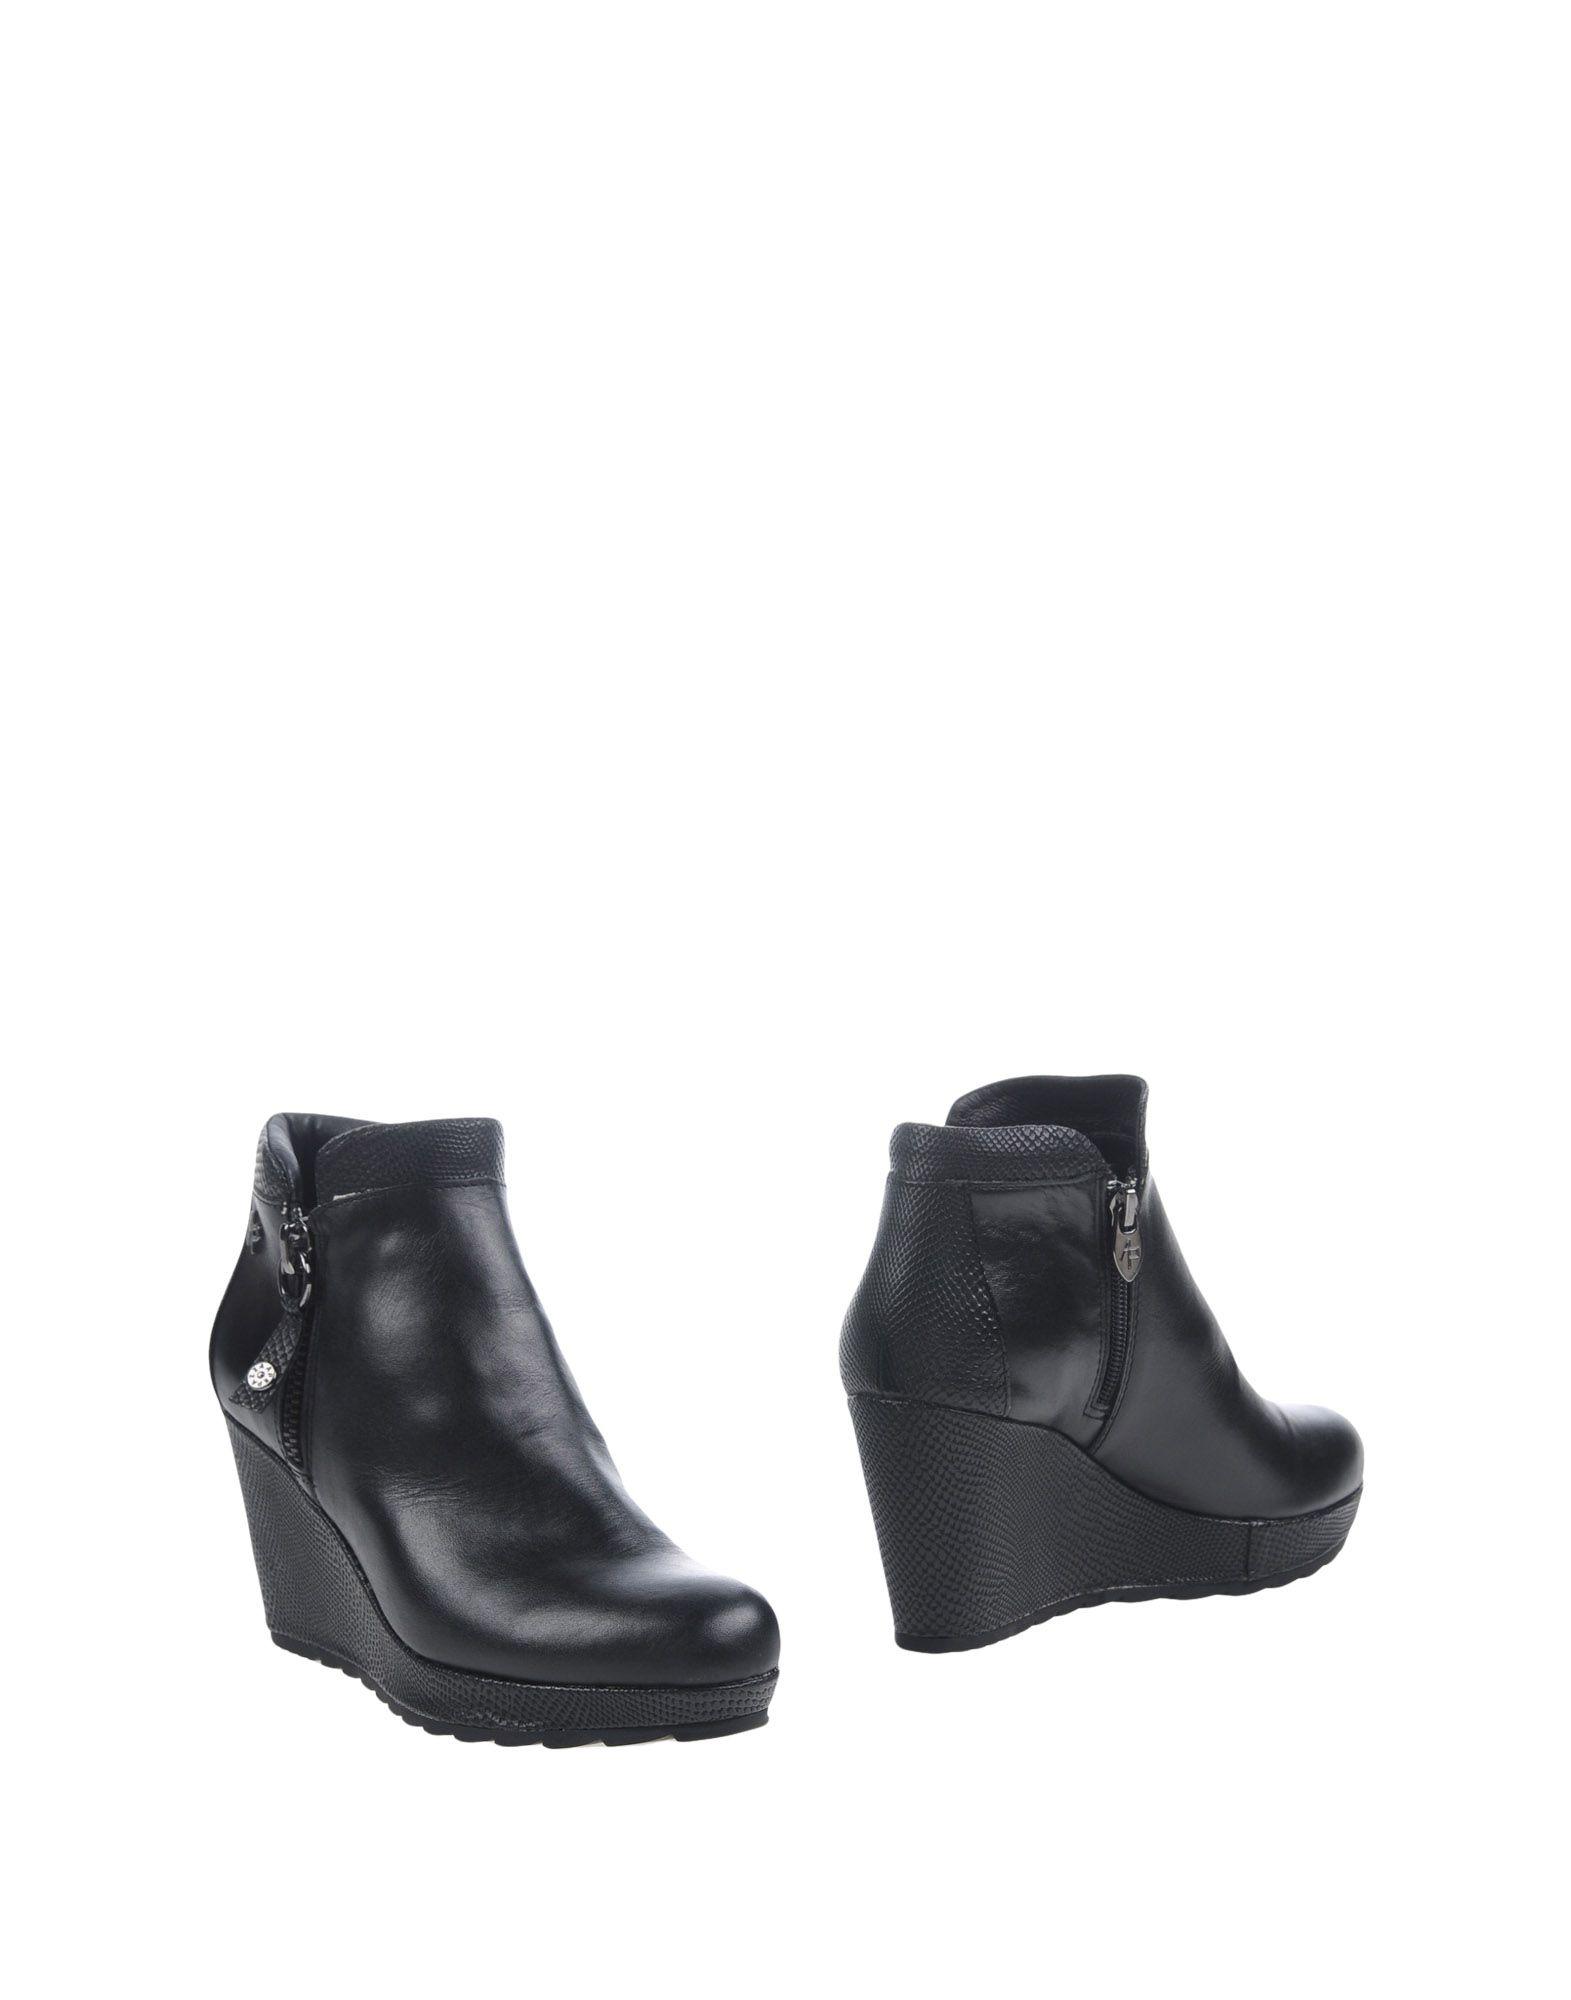 《送料無料》APEPAZZA レディース ショートブーツ ブラック 39 革 / 紡績繊維